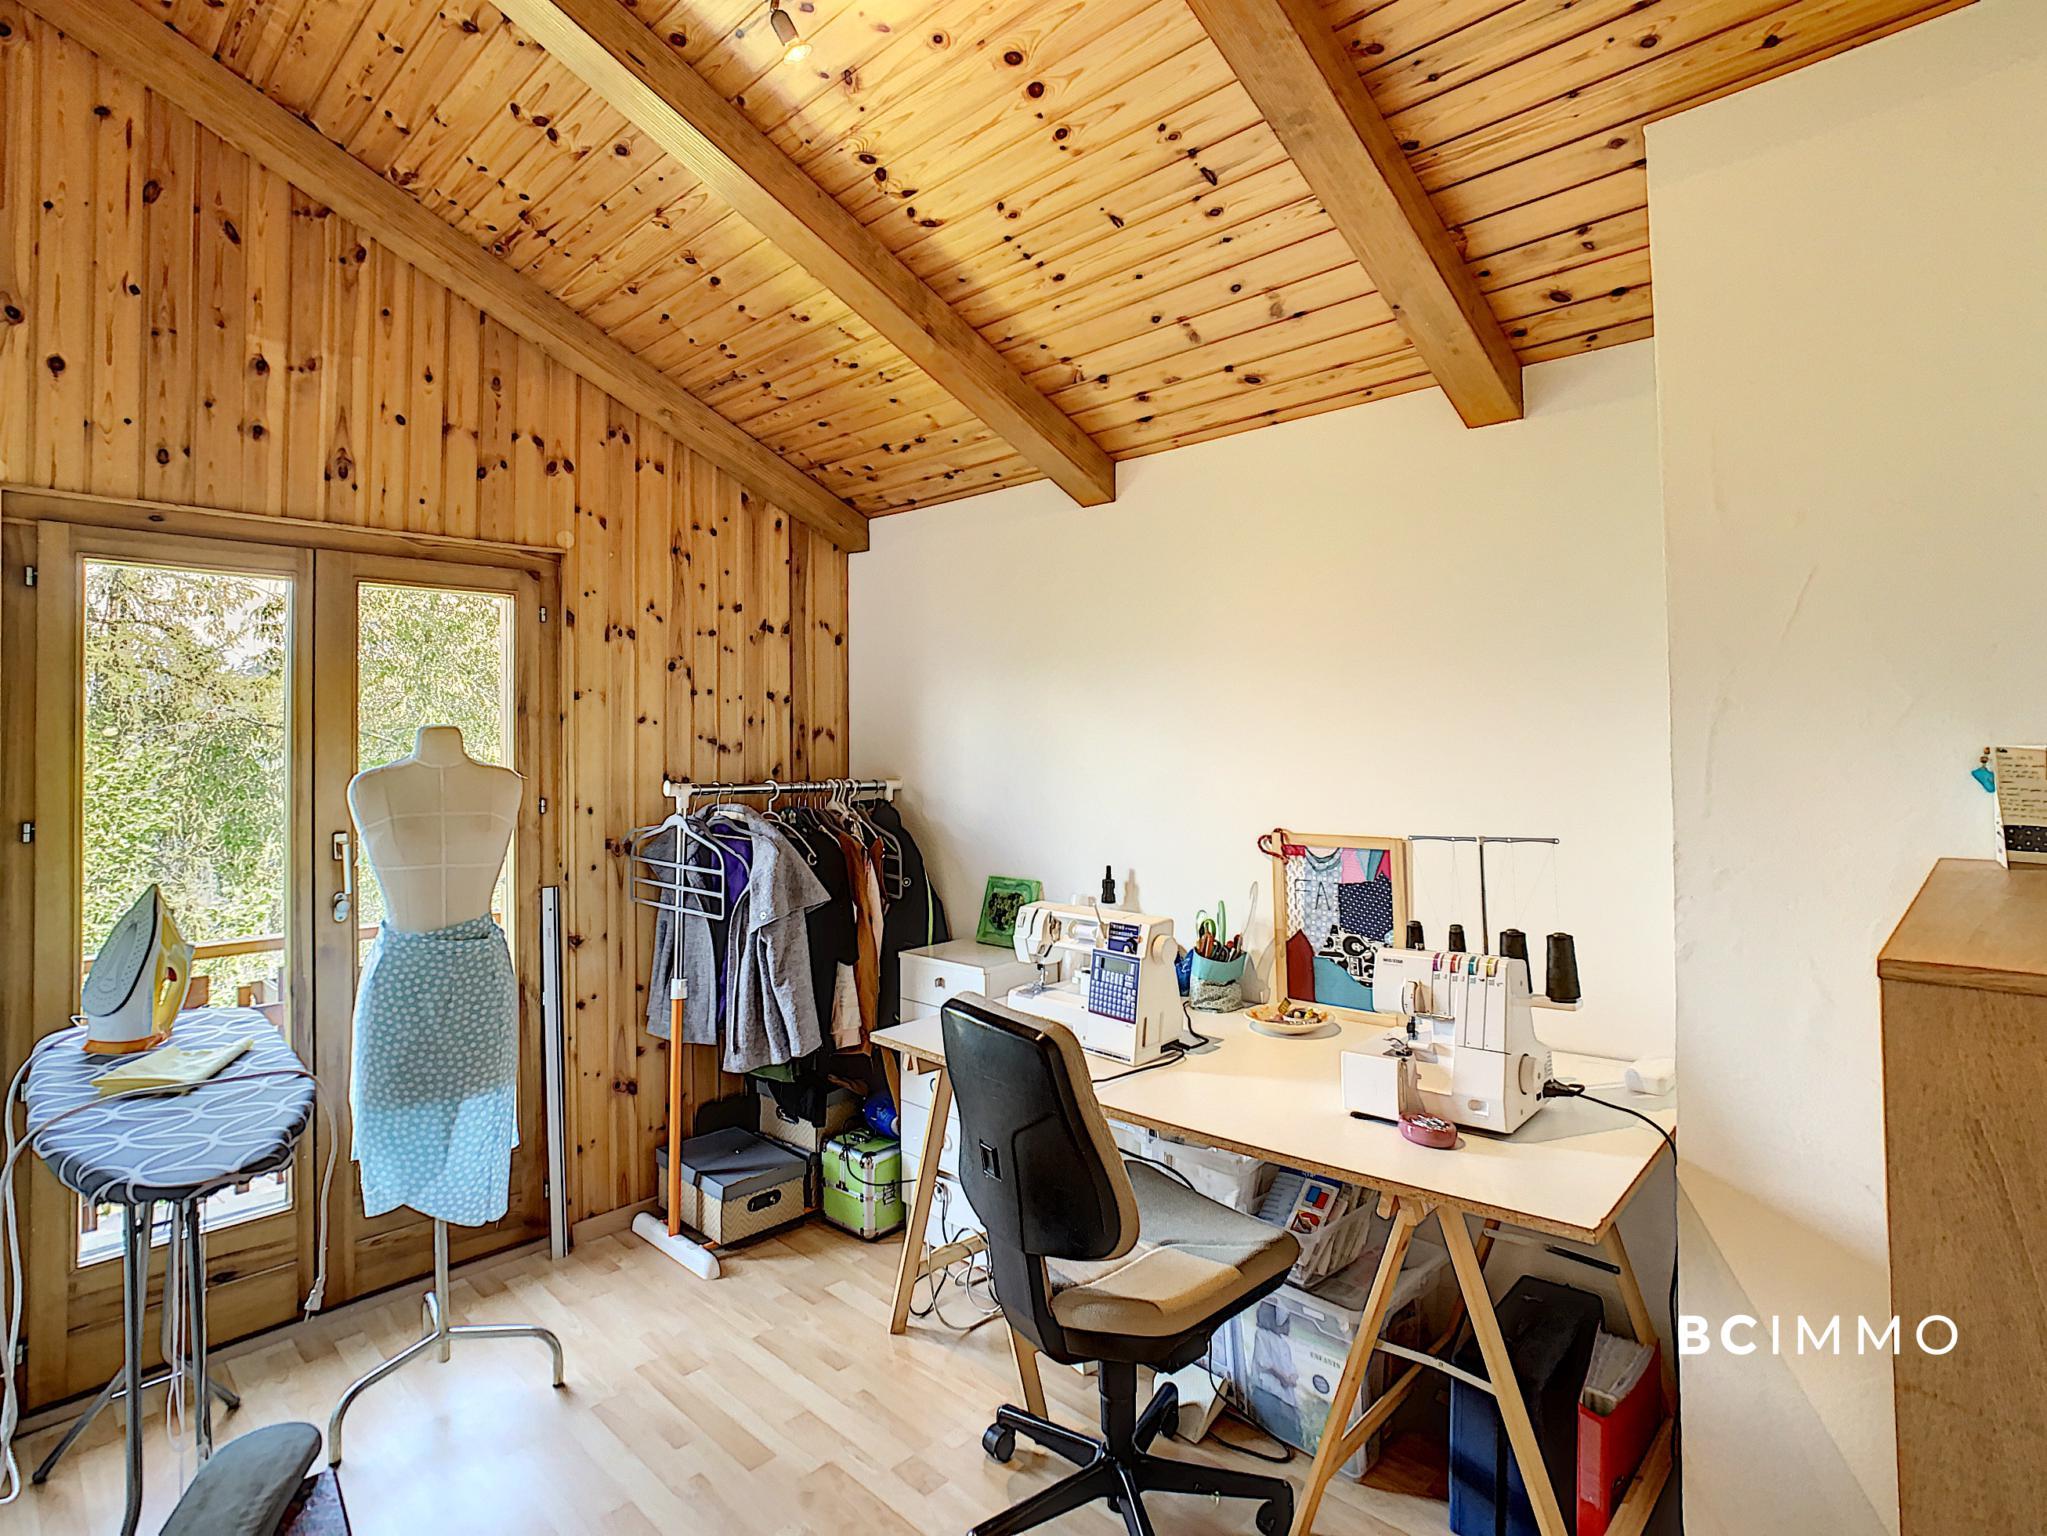 BC Immo - Magnifique Chalet idéalement située à Sarclentse - DCCHSA96